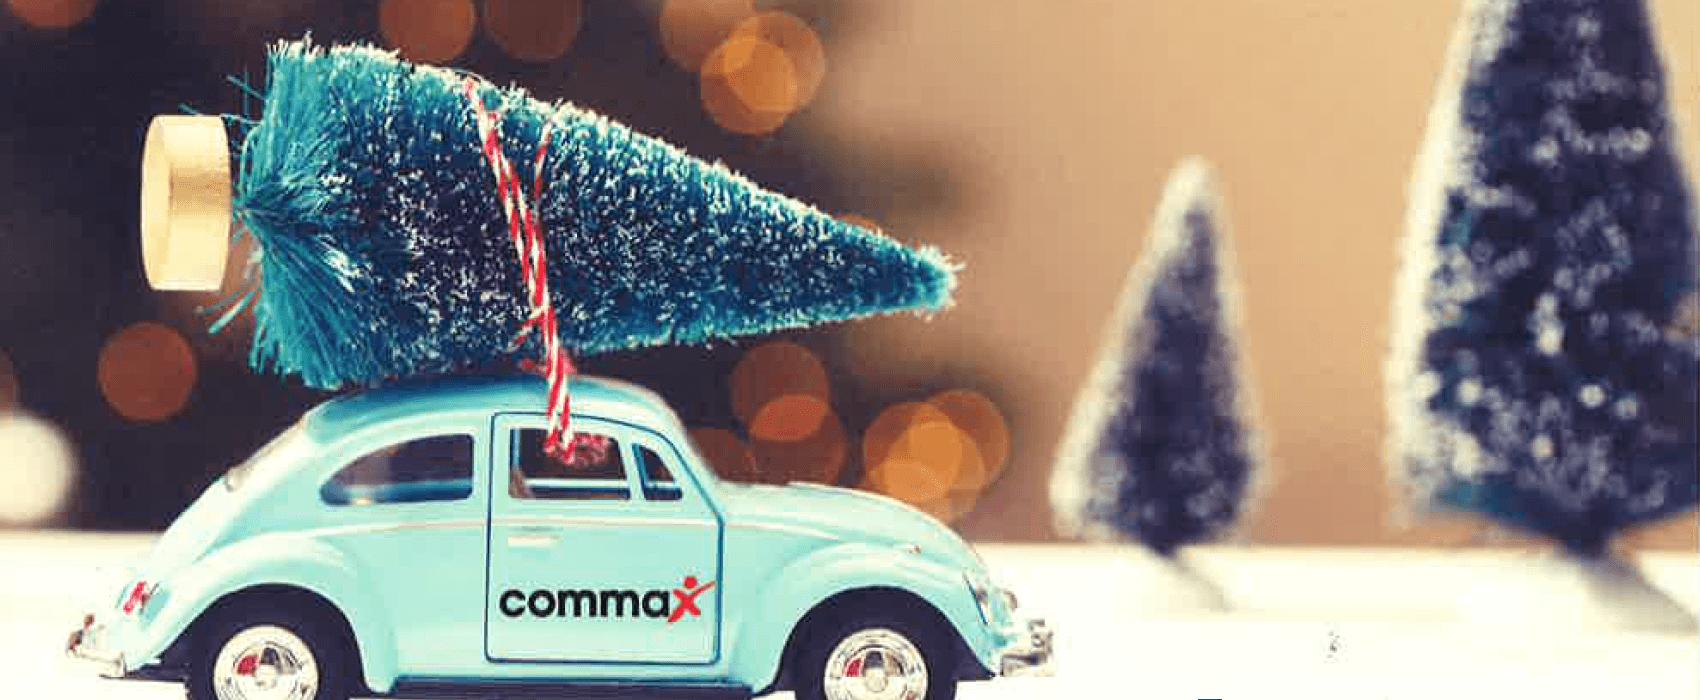 Beitrag Zur Weihnachtsfeier.Commax Weihnachtsfeier 2018 Im Cafe Glockenspiel